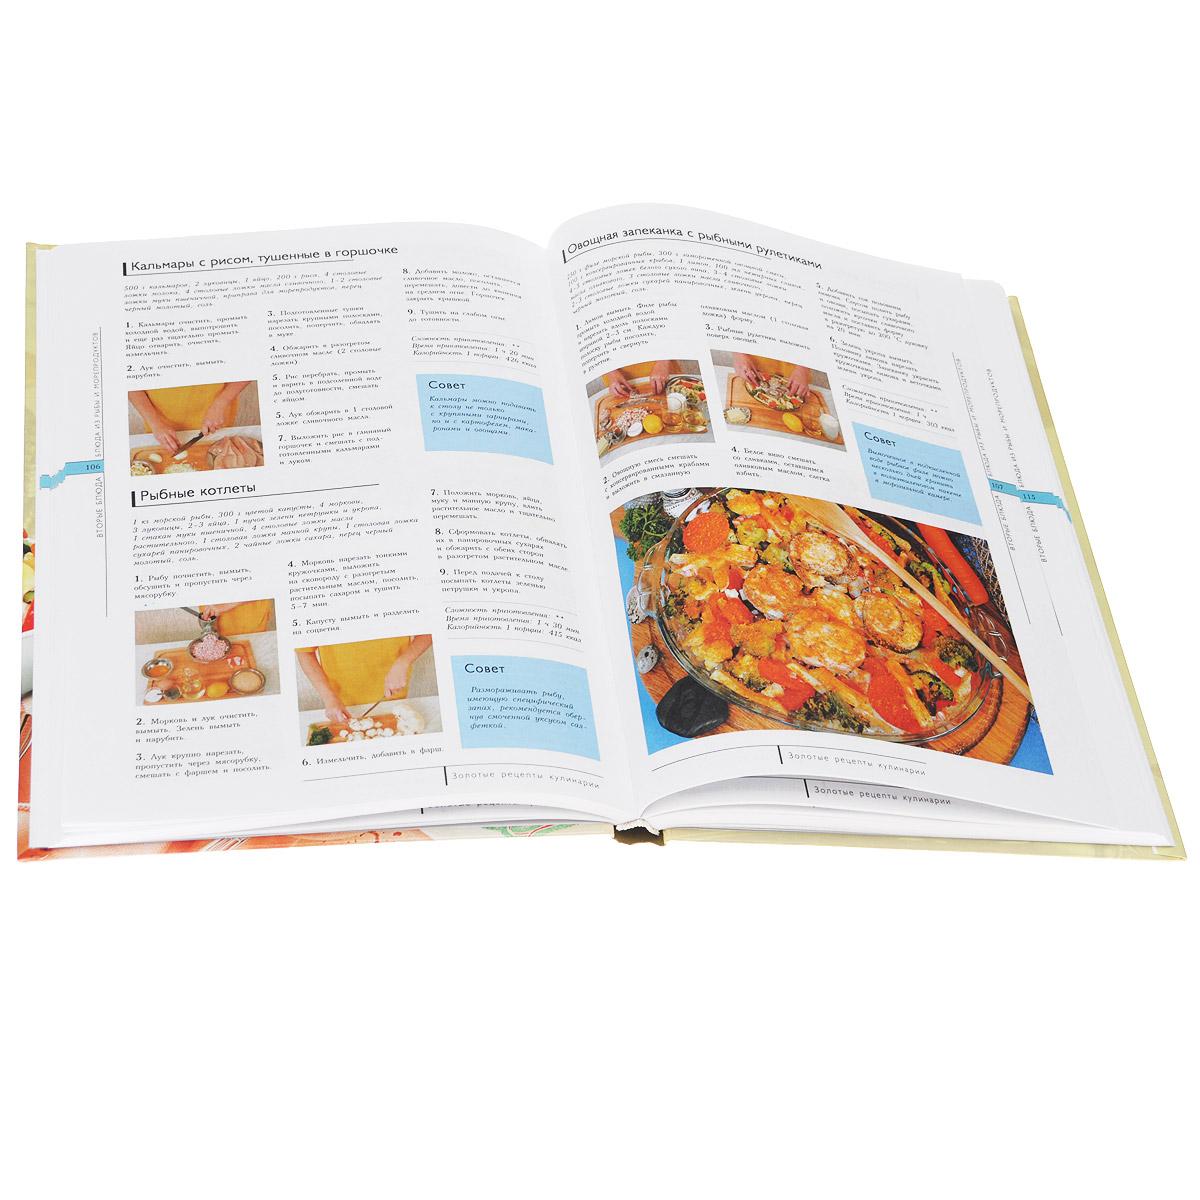 Золотые рецепты кулинарии